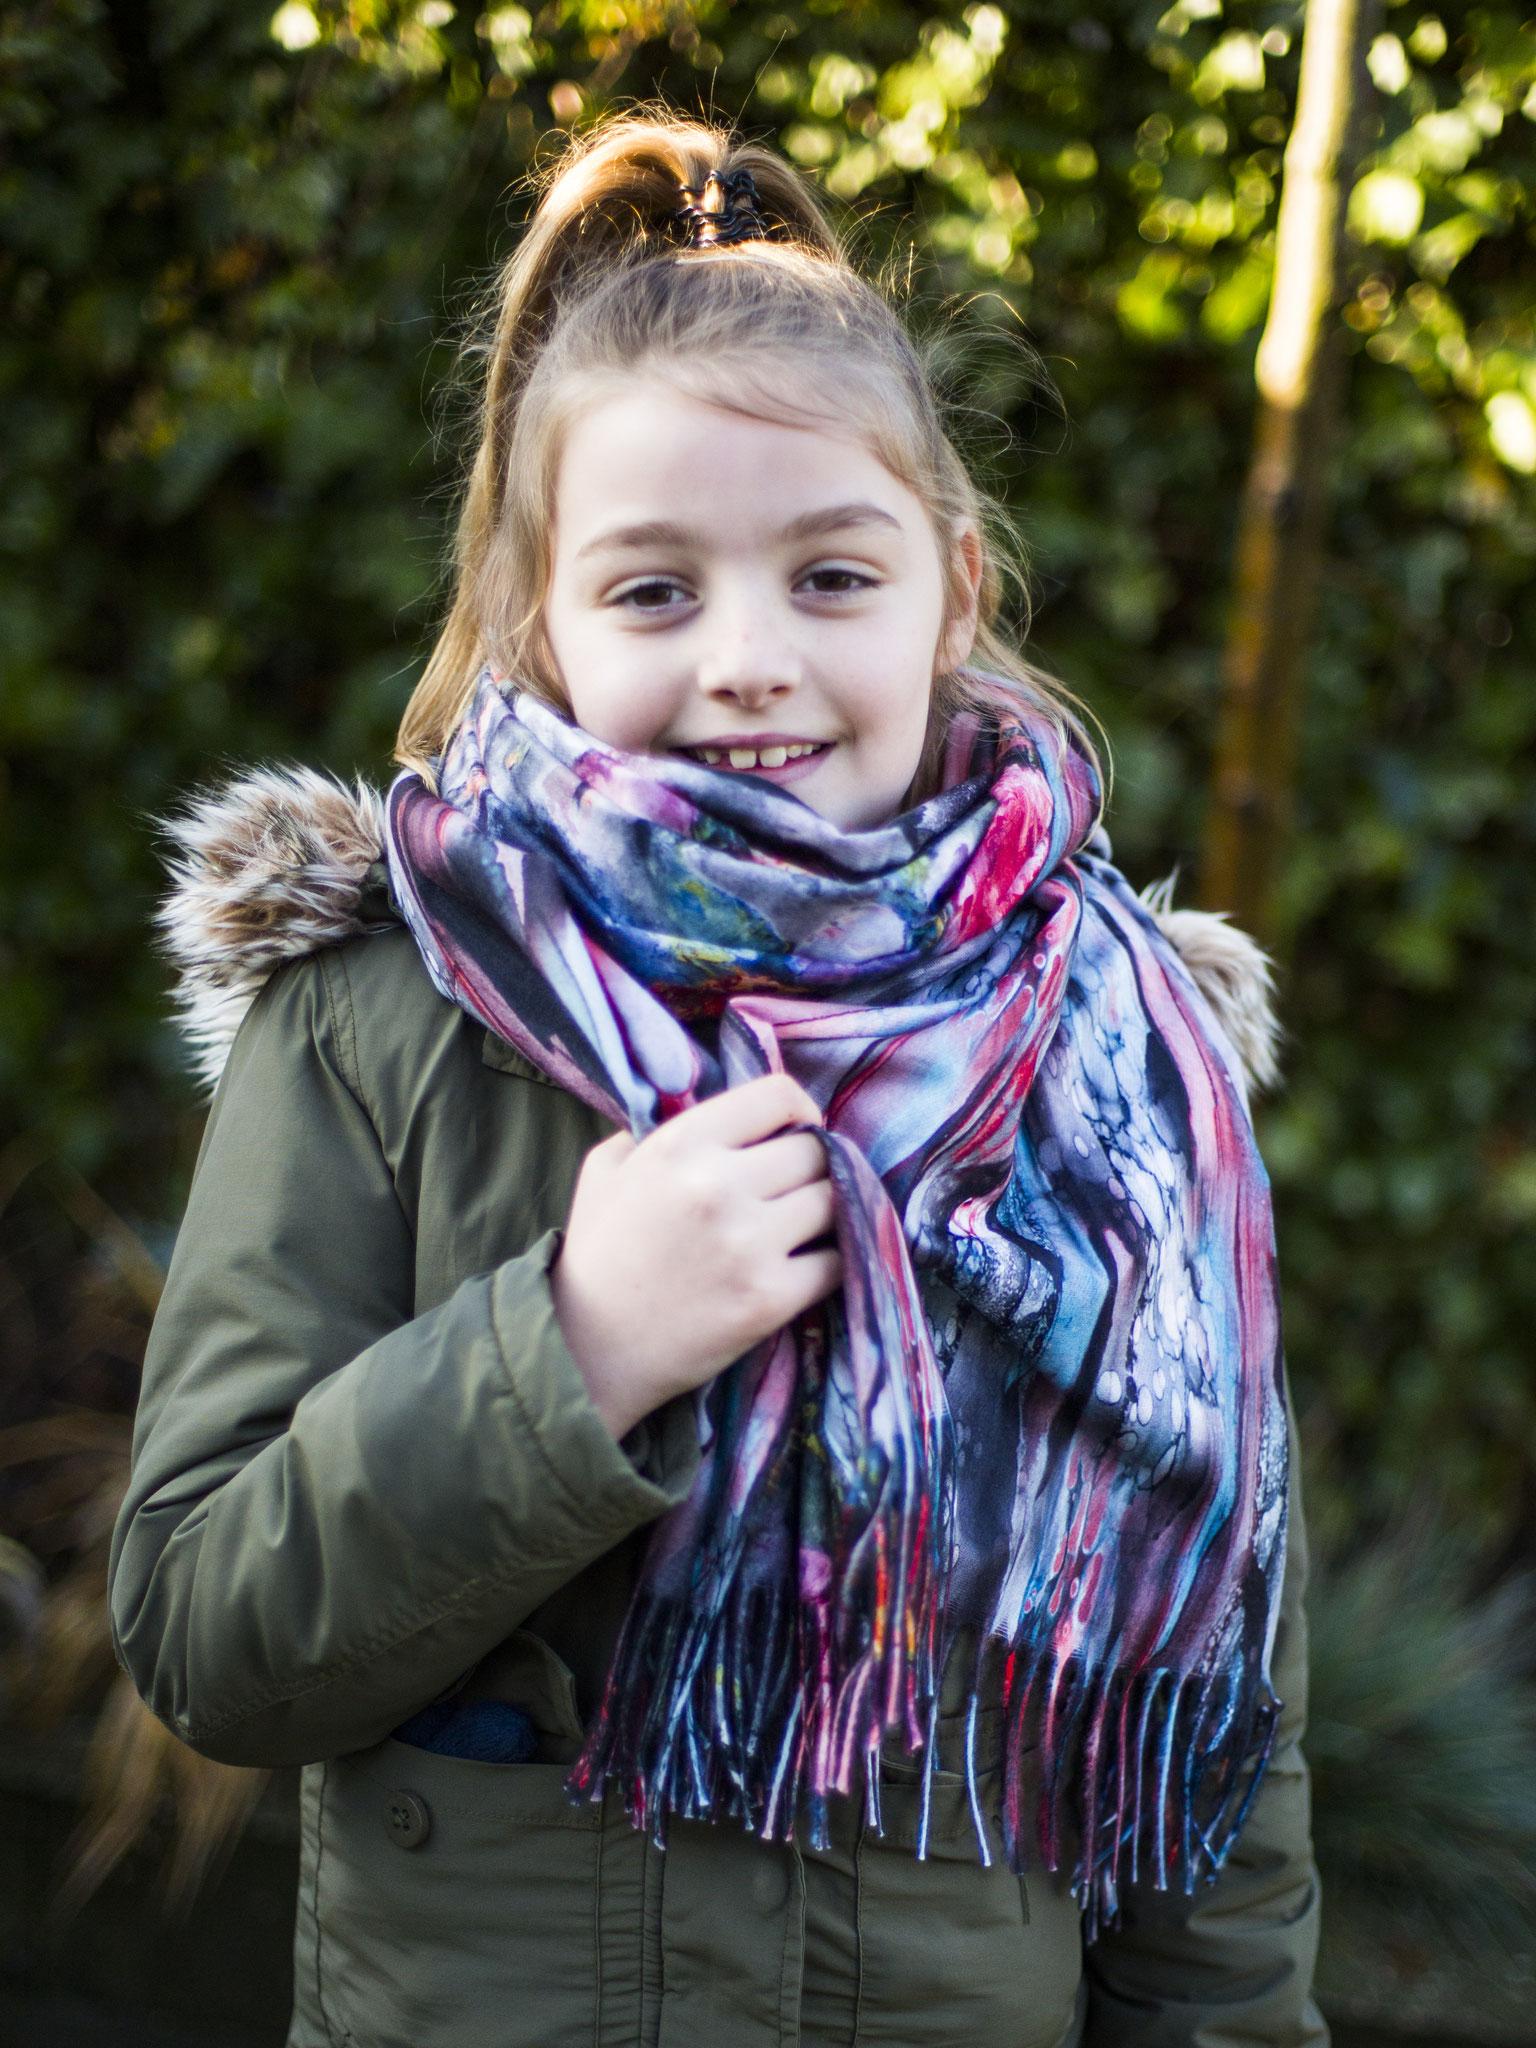 Mooie sjaal - Aangeboden door Stijl Iconen